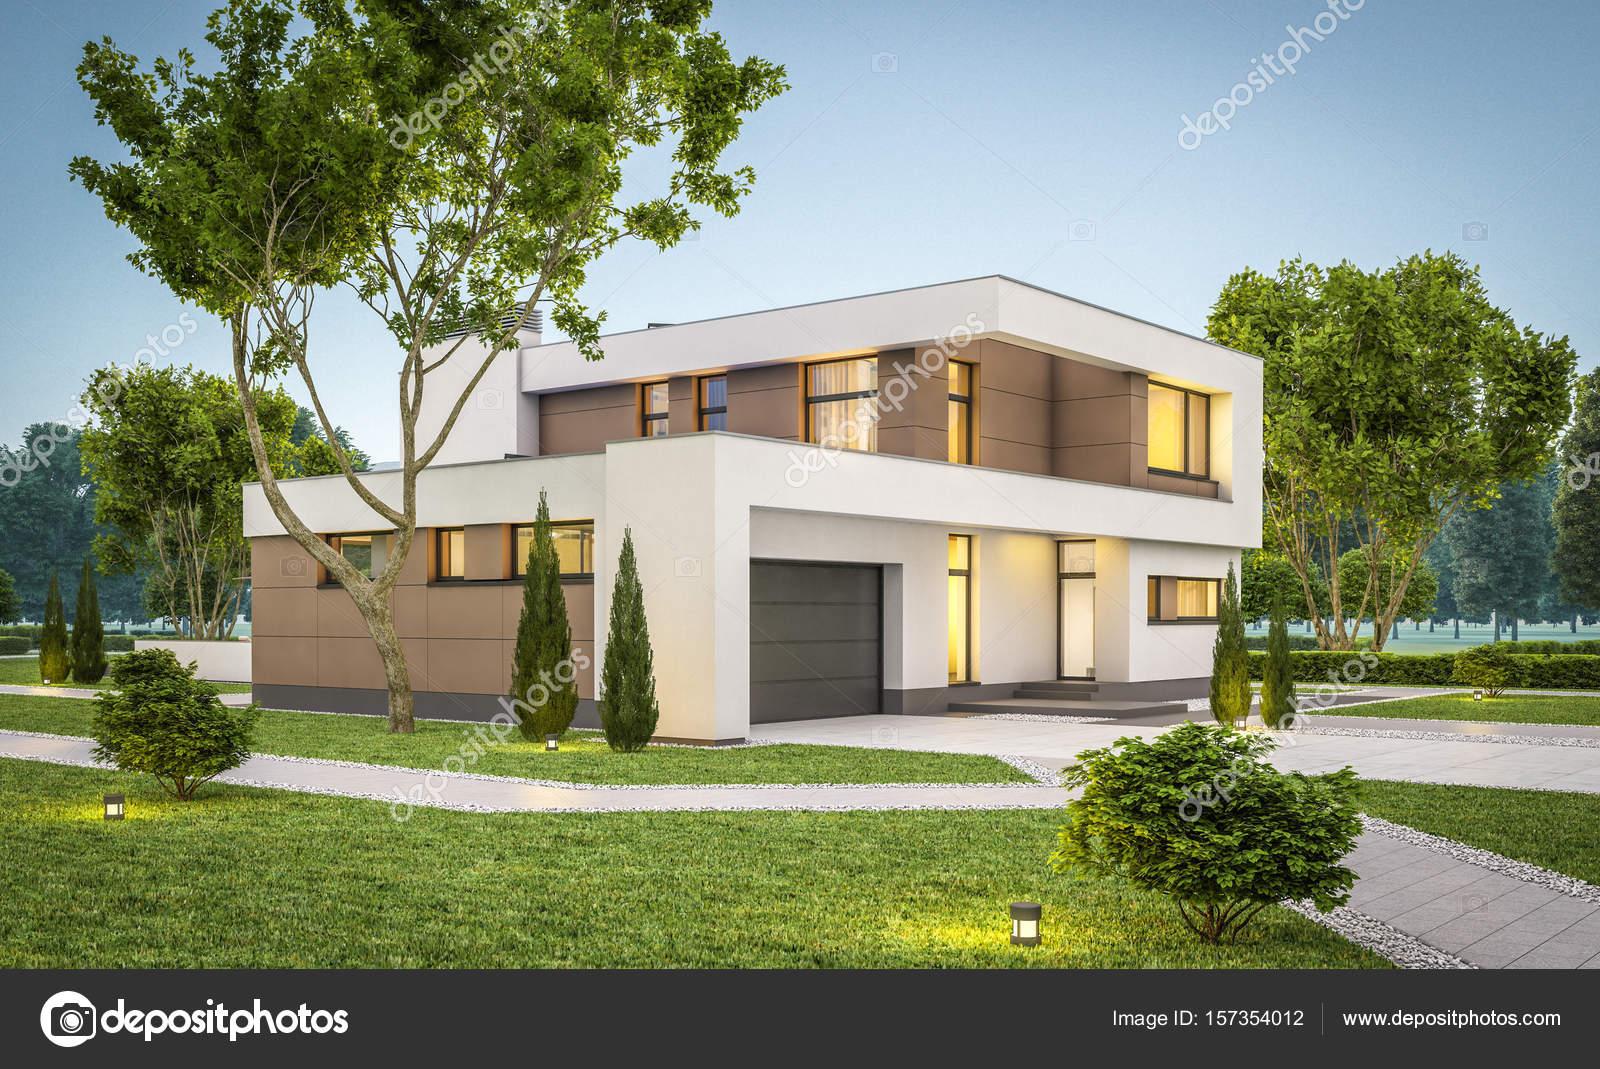 Renderiza o 3d da casa moderna na noite stock photo for Casas modernas renders